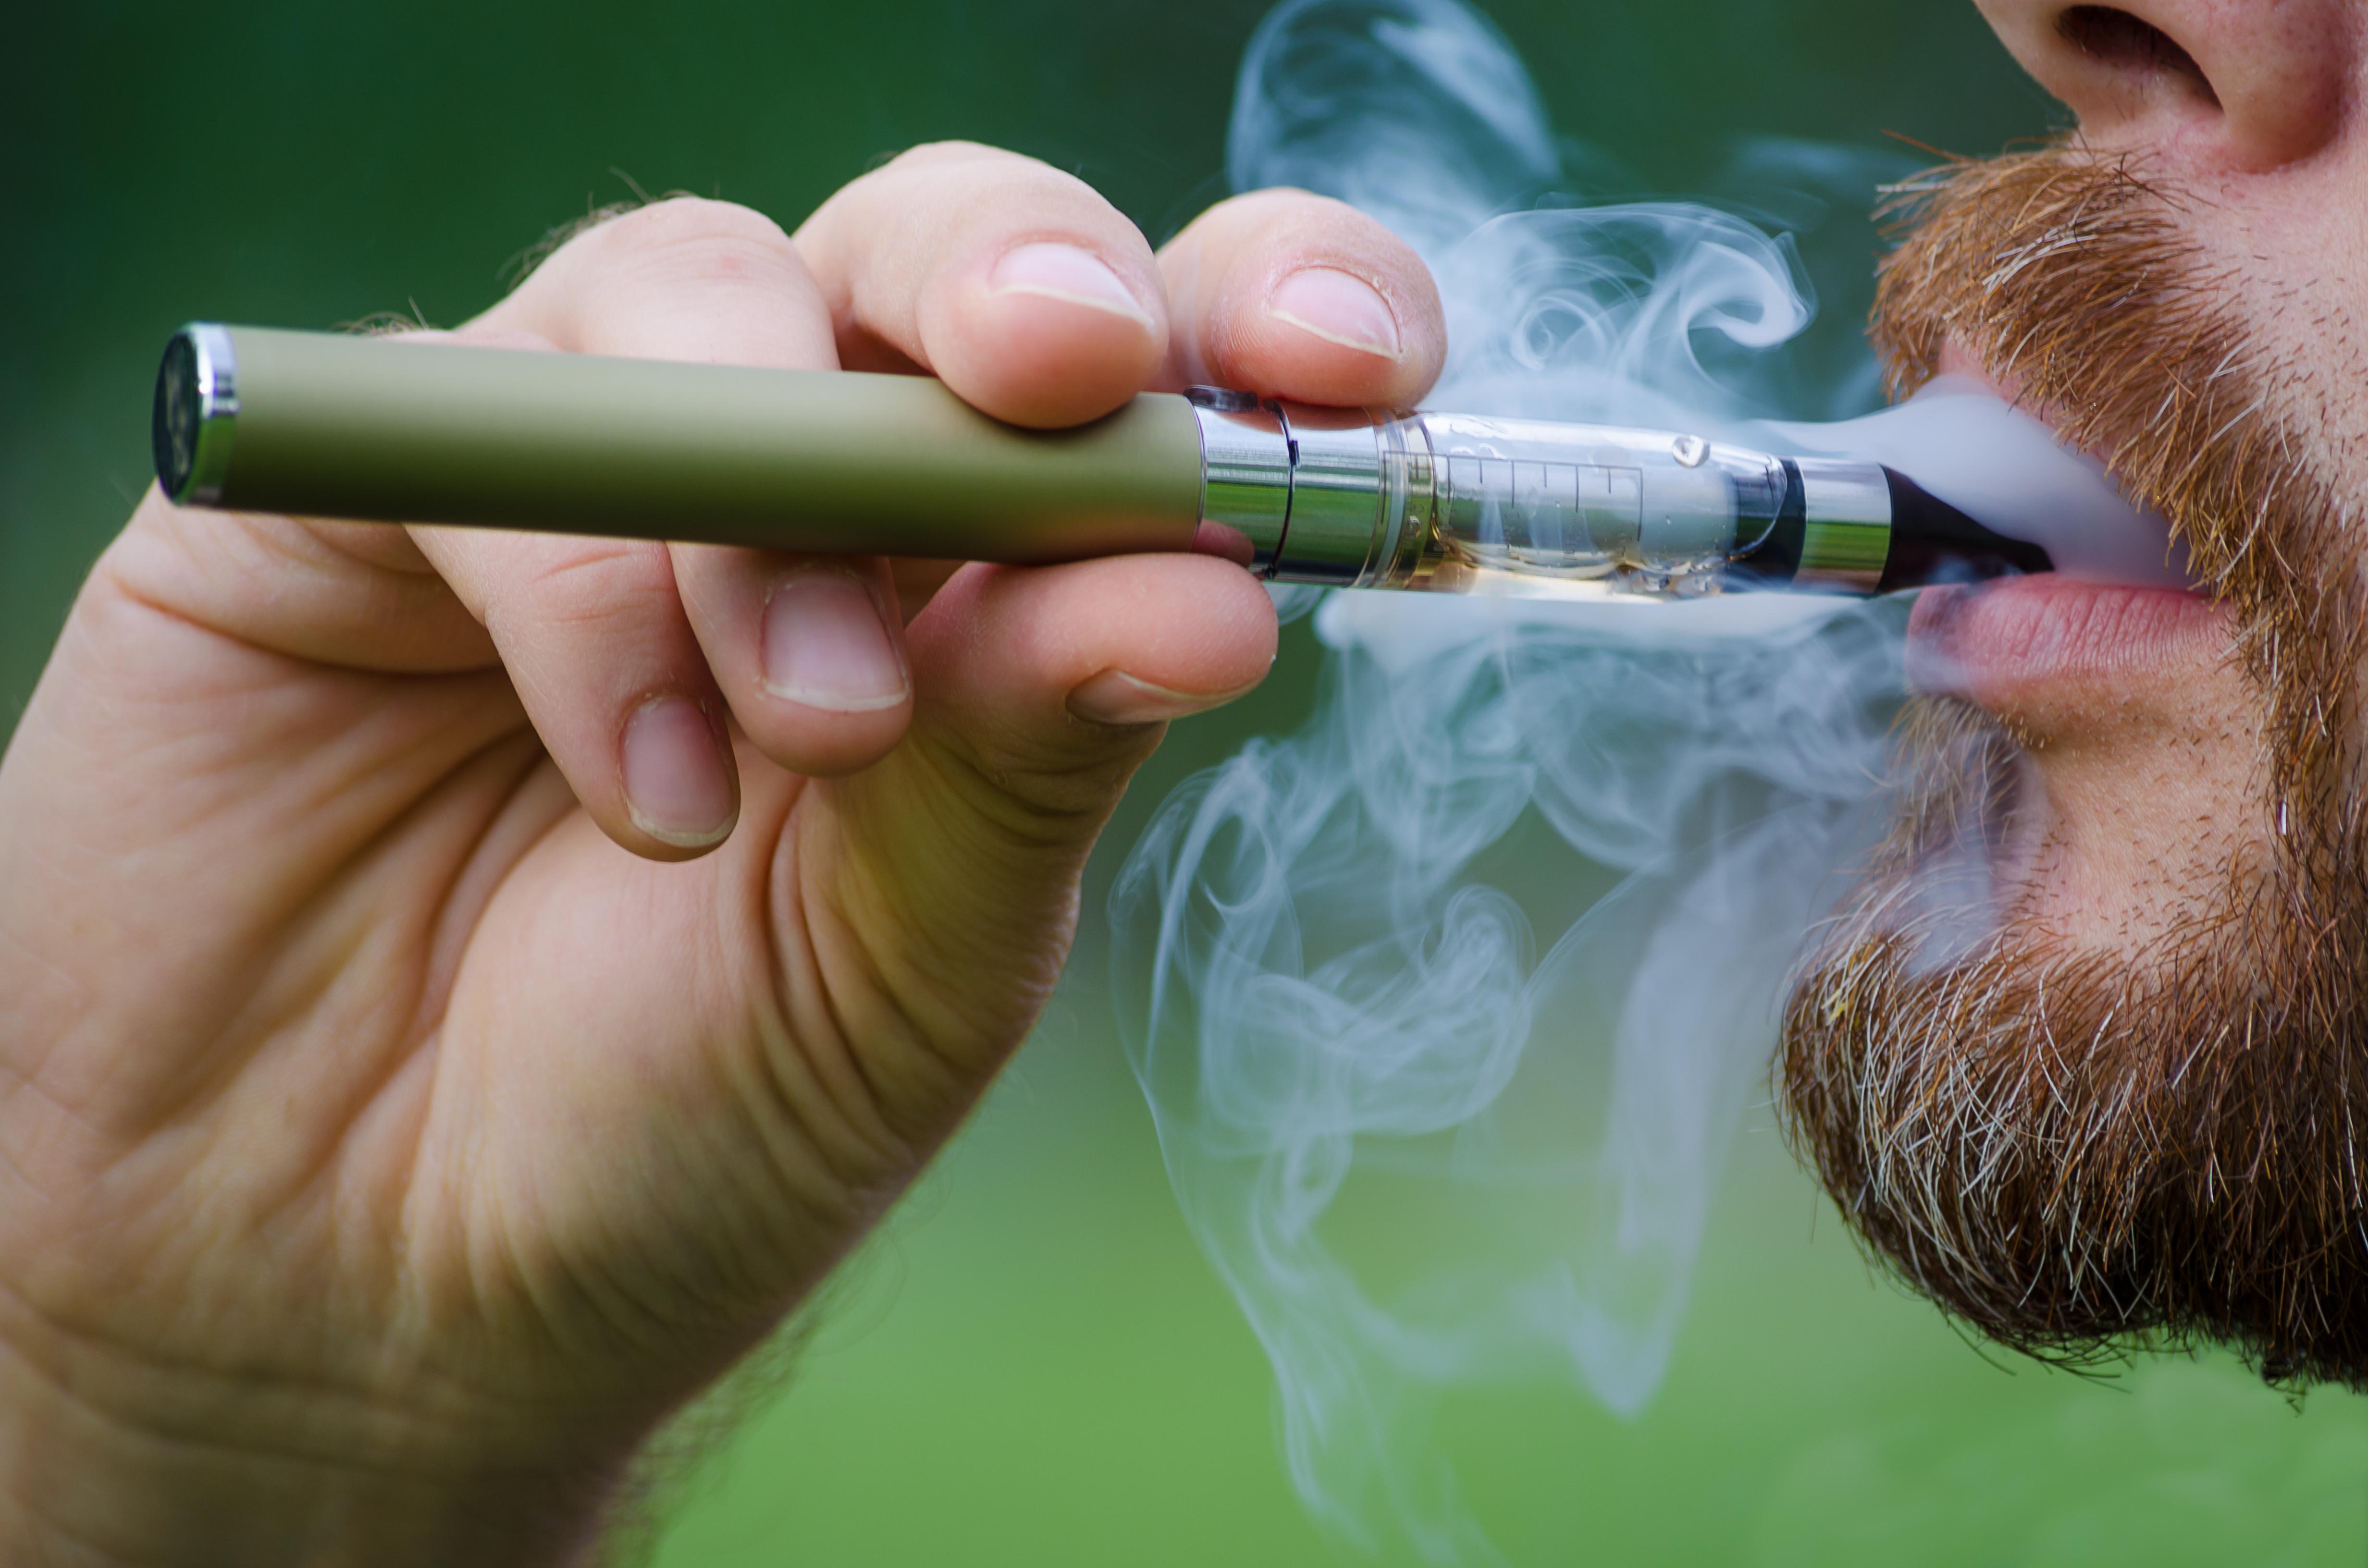 Motivet till domen är att produkterna innehåller nikotin vilket har en så kallad farmakologisk effekt.